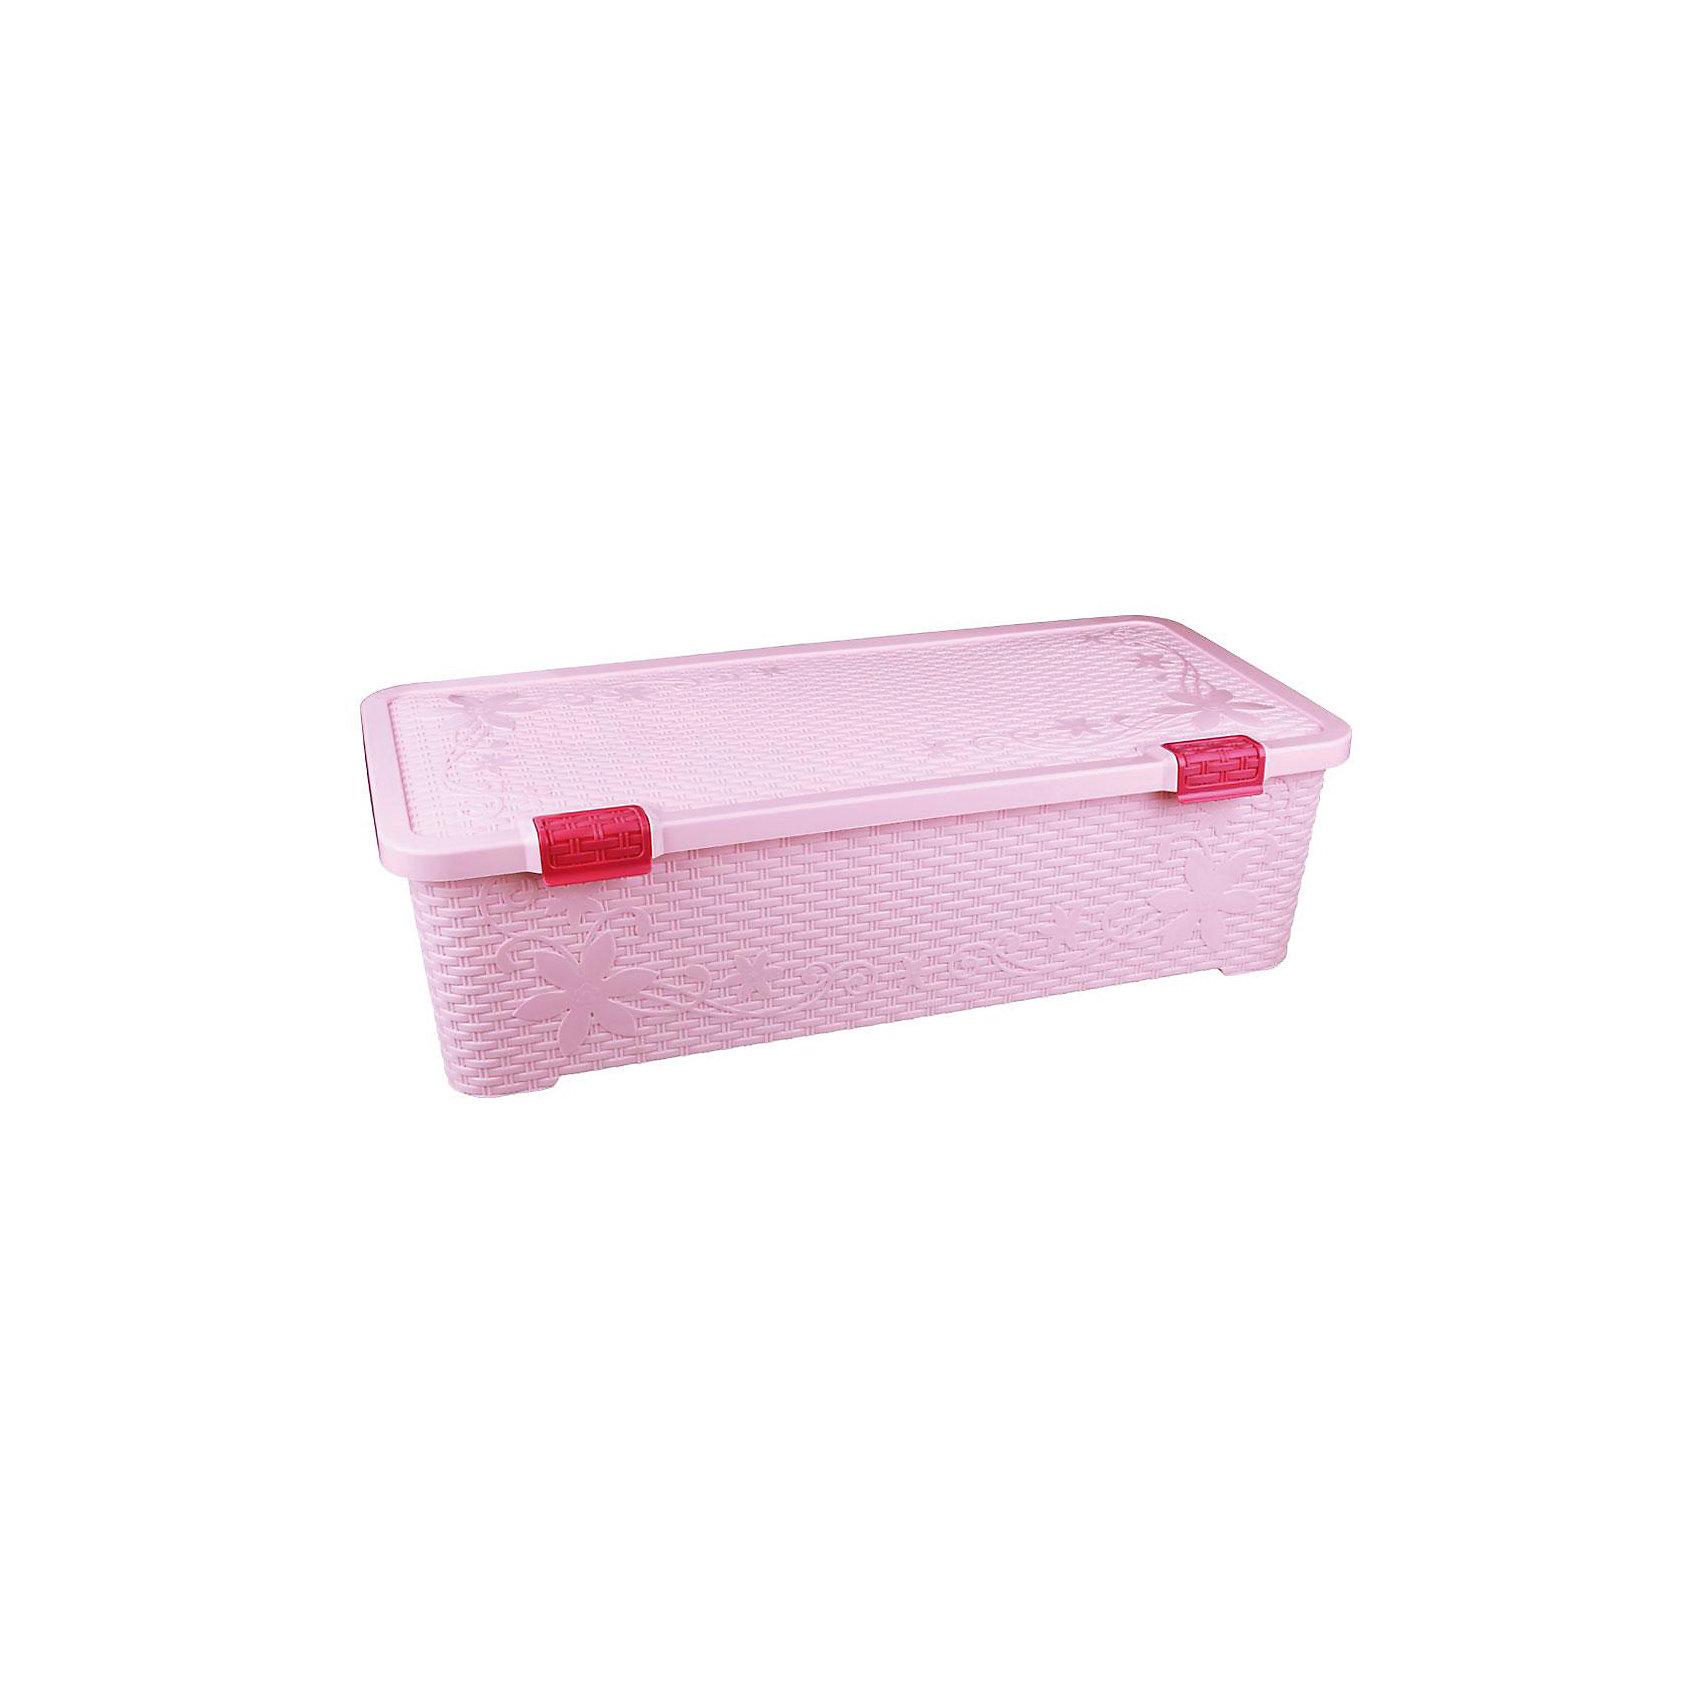 Контейнер Плетёнка 70 л. с крышкой, Alternativa, розовыйХарактеристики:<br><br>• Предназначение: для хранения игрушек, для хозяйственных нужд<br>• Цвет: зима<br>• Материал: пластик<br>• Цвет: розовый<br>• Размер (Д*Ш*В): 86*41,5*20 см<br>• Вместимость (объем): 70 л<br>• Форма: прямоугольный<br>• Наличие крышки <br>• Особенности ухода: разрешается мыть теплой водой<br><br>Контейнер Плетёнка 70 л с крышкой, Alternativa, розовый изготовлен отечественным производителем ООО ЗПИ Альтернатива, который специализируется на выпуске широкого спектра изделий из пластика. <br>Контейнер выполнен из экологически безопасного пластика, устойчивого к механическим повреждениям, корпус оформлен имитацией плетенки, в комплекте имеется крышка. Изделие можно использовать как для хранения игрушек, так и для разных хозяйственных нужд. Контейнер Плетёнка 70 л с крышкой, Alternativa, розовый вместительный, но при этом обладает легким весом.<br><br>Контейнер Плетёнка 70 л с крышкой, Alternativa, розовый можно купить в нашем интернет-магазине.<br><br>Ширина мм: 860<br>Глубина мм: 425<br>Высота мм: 250<br>Вес г: 2460<br>Возраст от месяцев: -2147483648<br>Возраст до месяцев: 2147483647<br>Пол: Женский<br>Возраст: Детский<br>SKU: 5096565